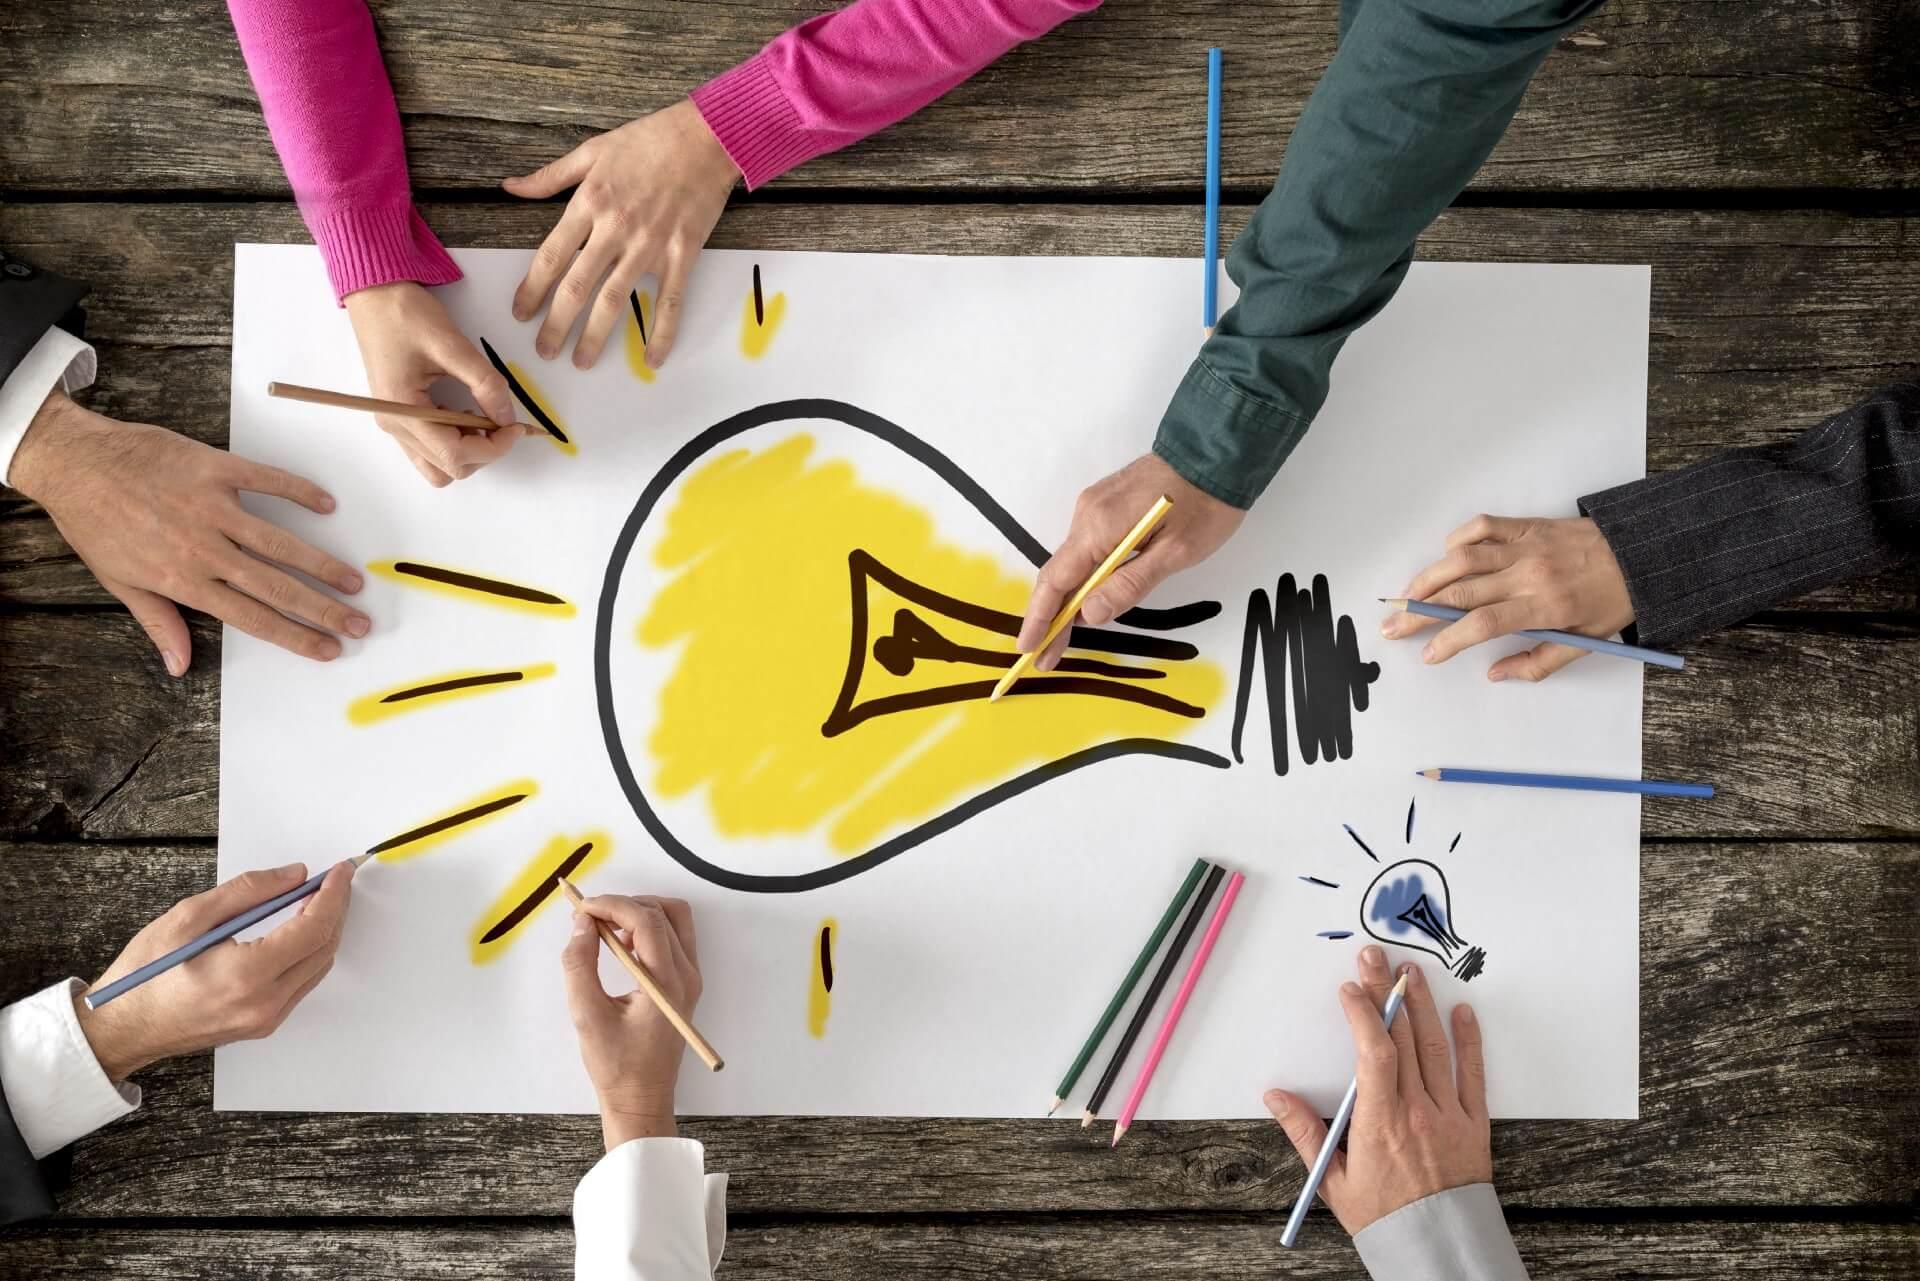 idée, produit, startup, entrepreneur